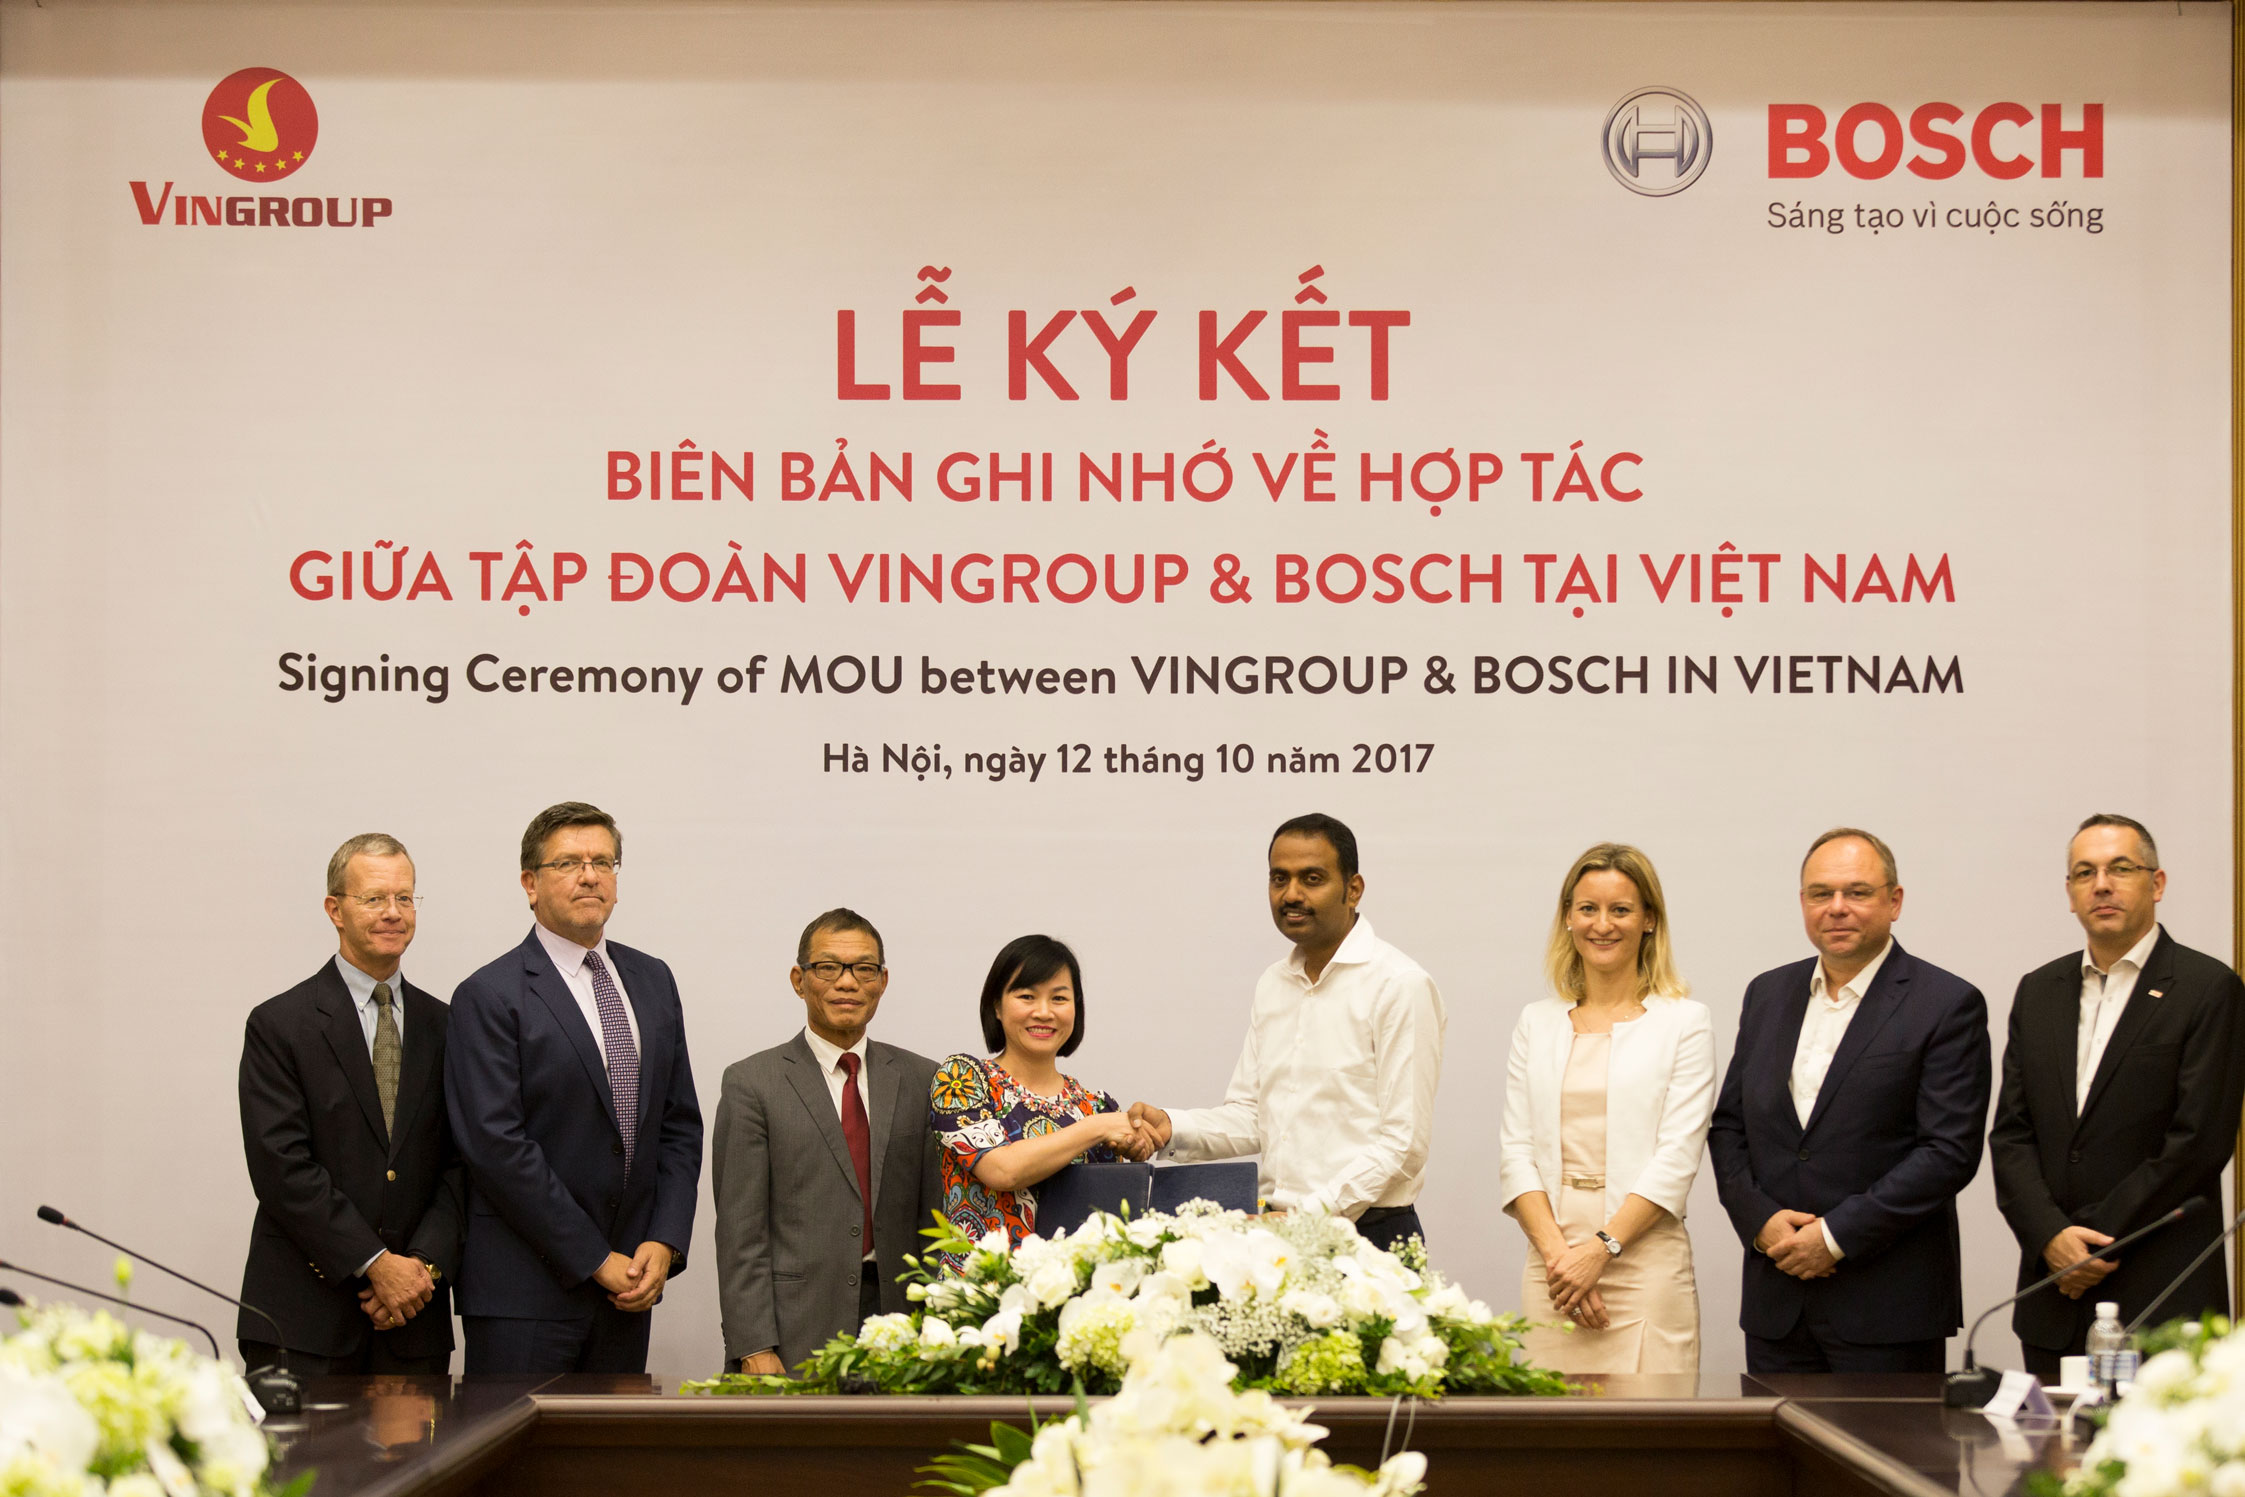 Vingroup và Bosch ký biên bản hợp tác sản xuất ô tô, xe máy điện